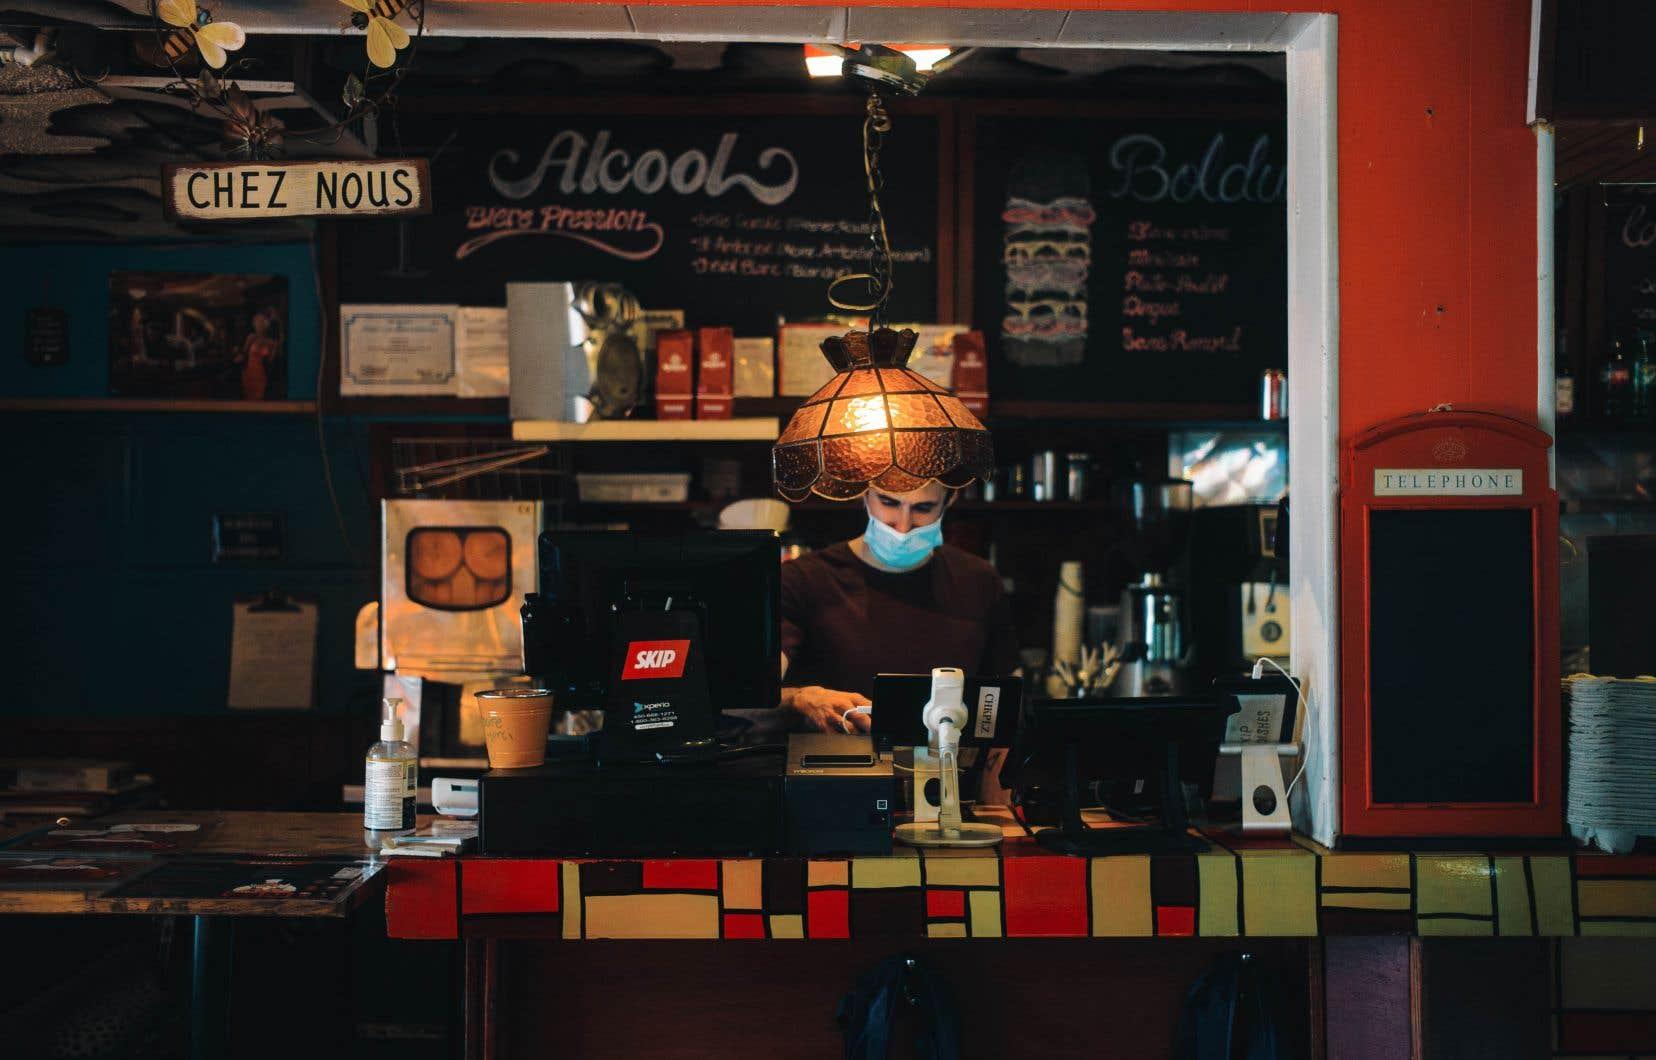 De nombreux Québécois ne réalisent pas que les restaurants peuvent encore faire de la livraison après 20h, selon l'Association Restauration Québec.